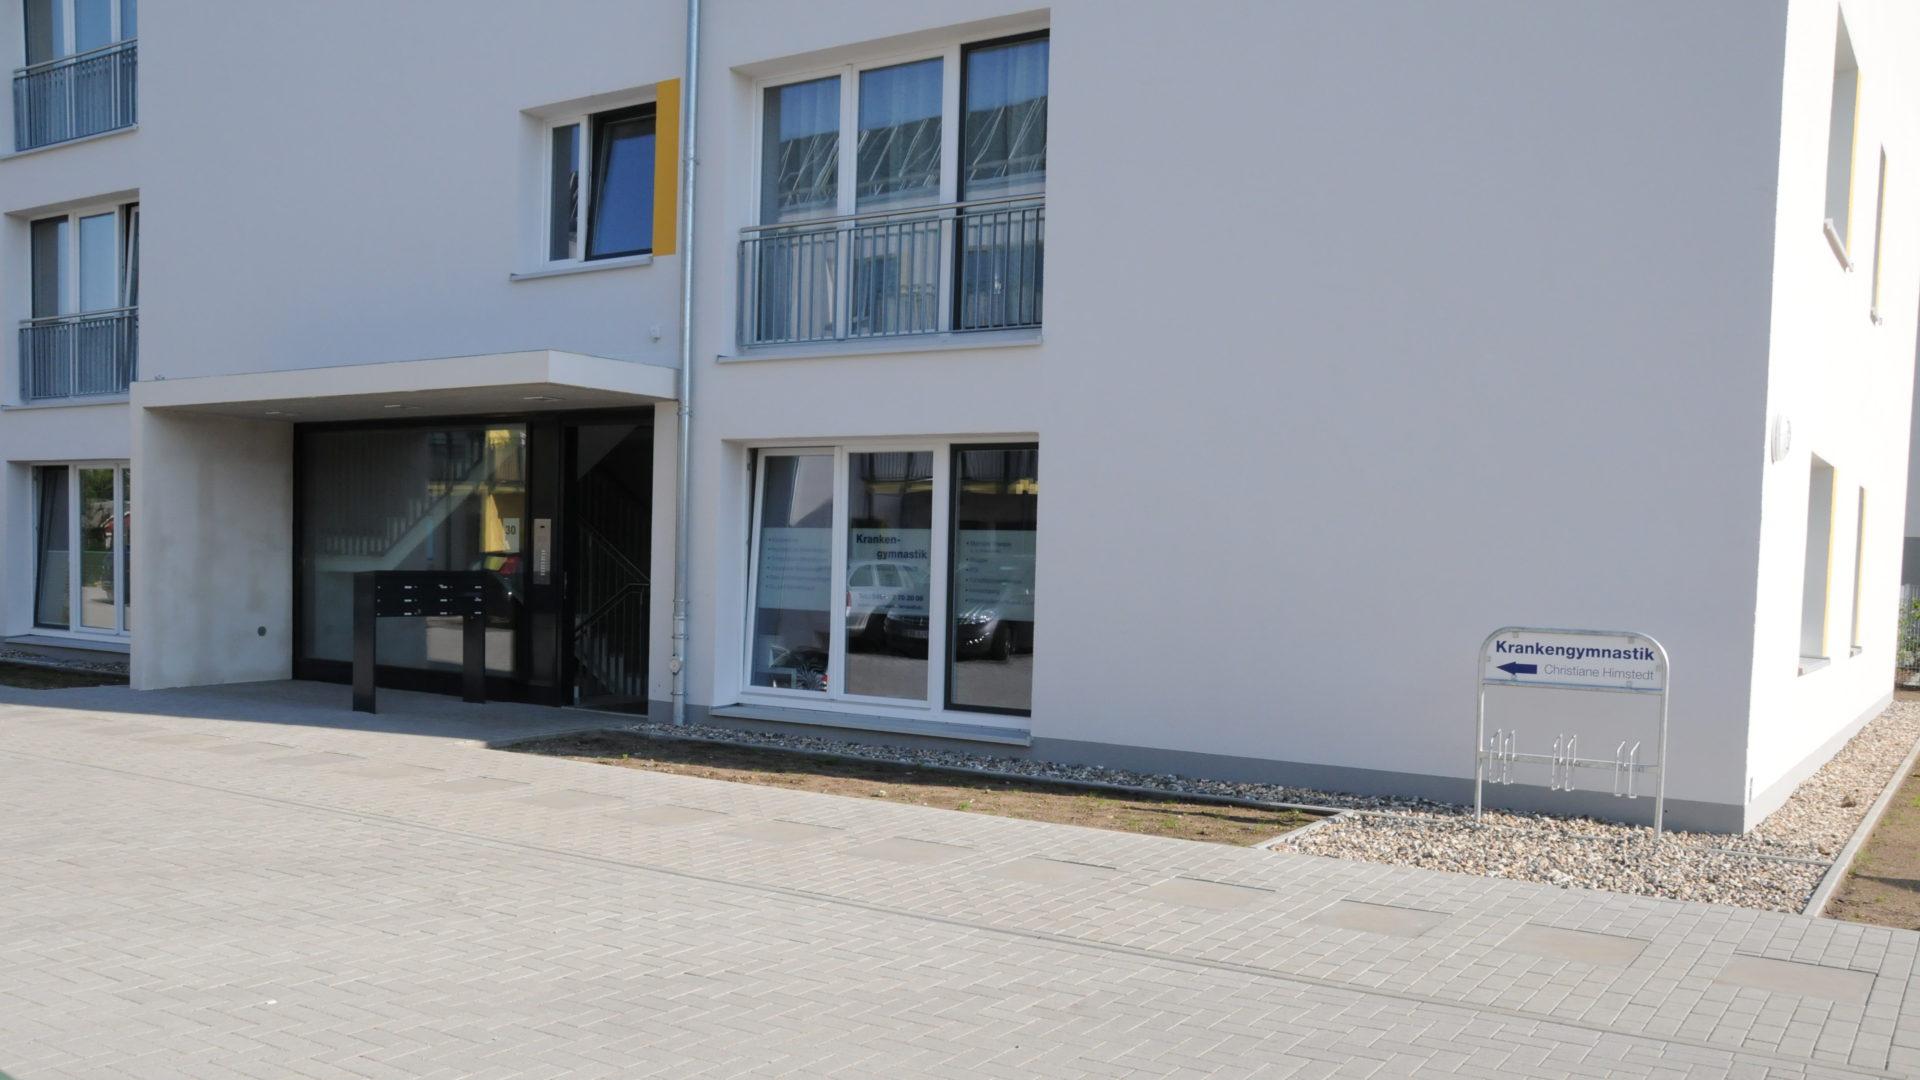 Krankengymnastik Himstedt